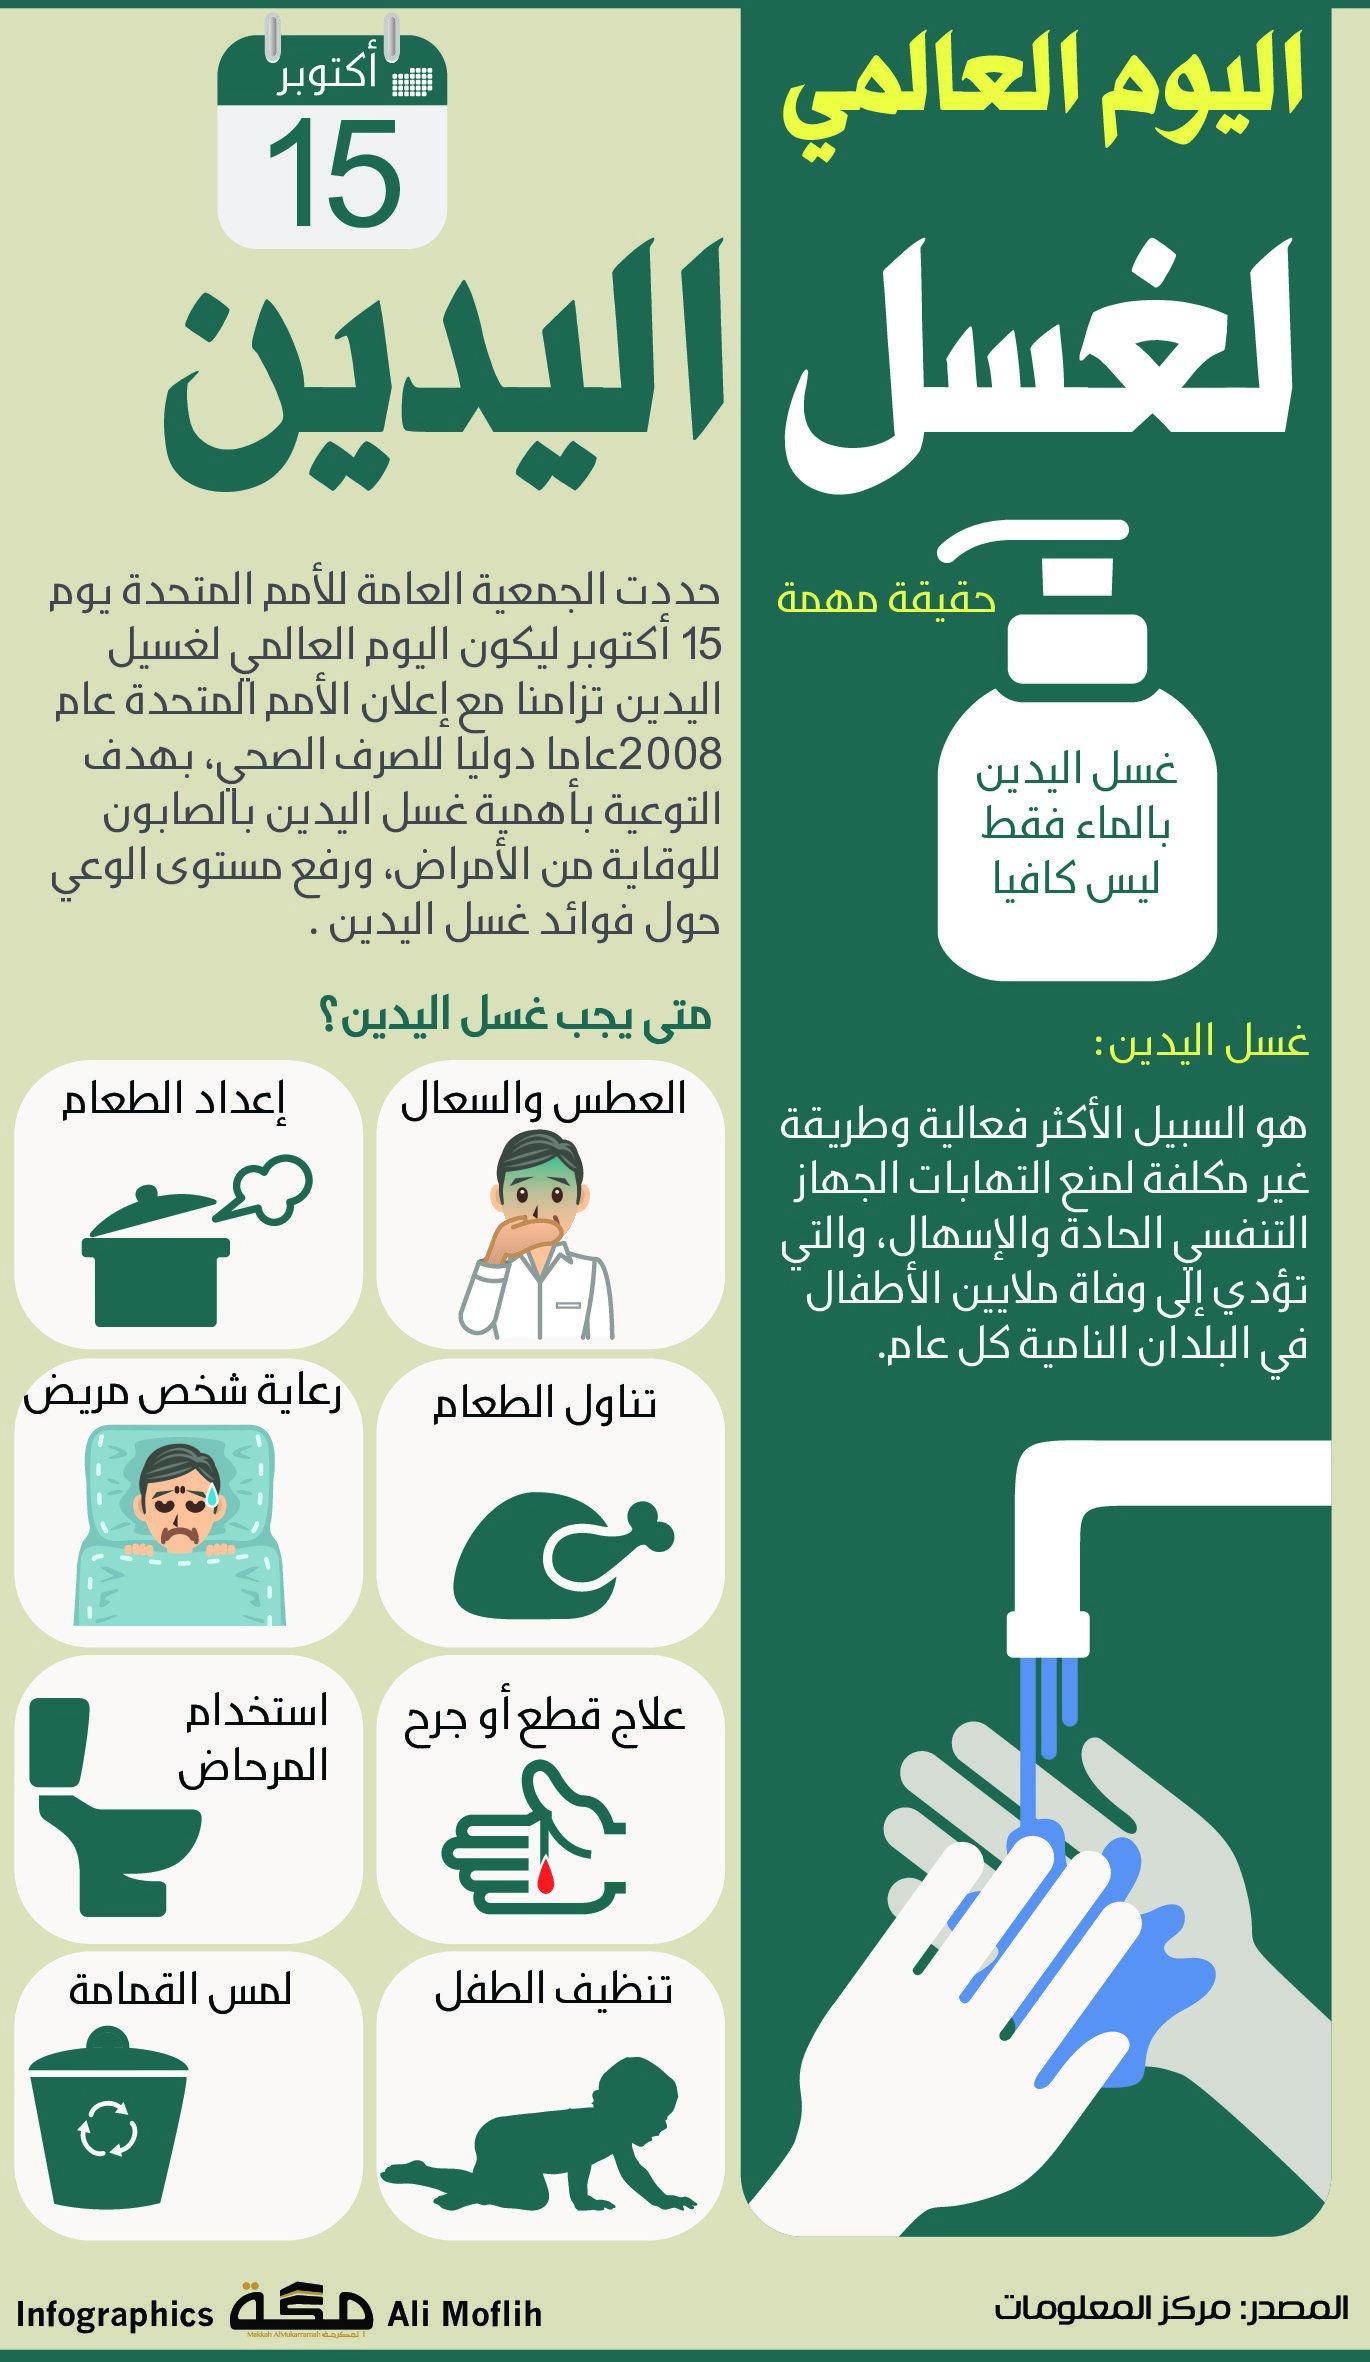 اليوم العالمي لغسل اليدين 15 أكتوبر صحيفةـمكة انفوجرافيك الأيام العالمية Infographic Makkah Map